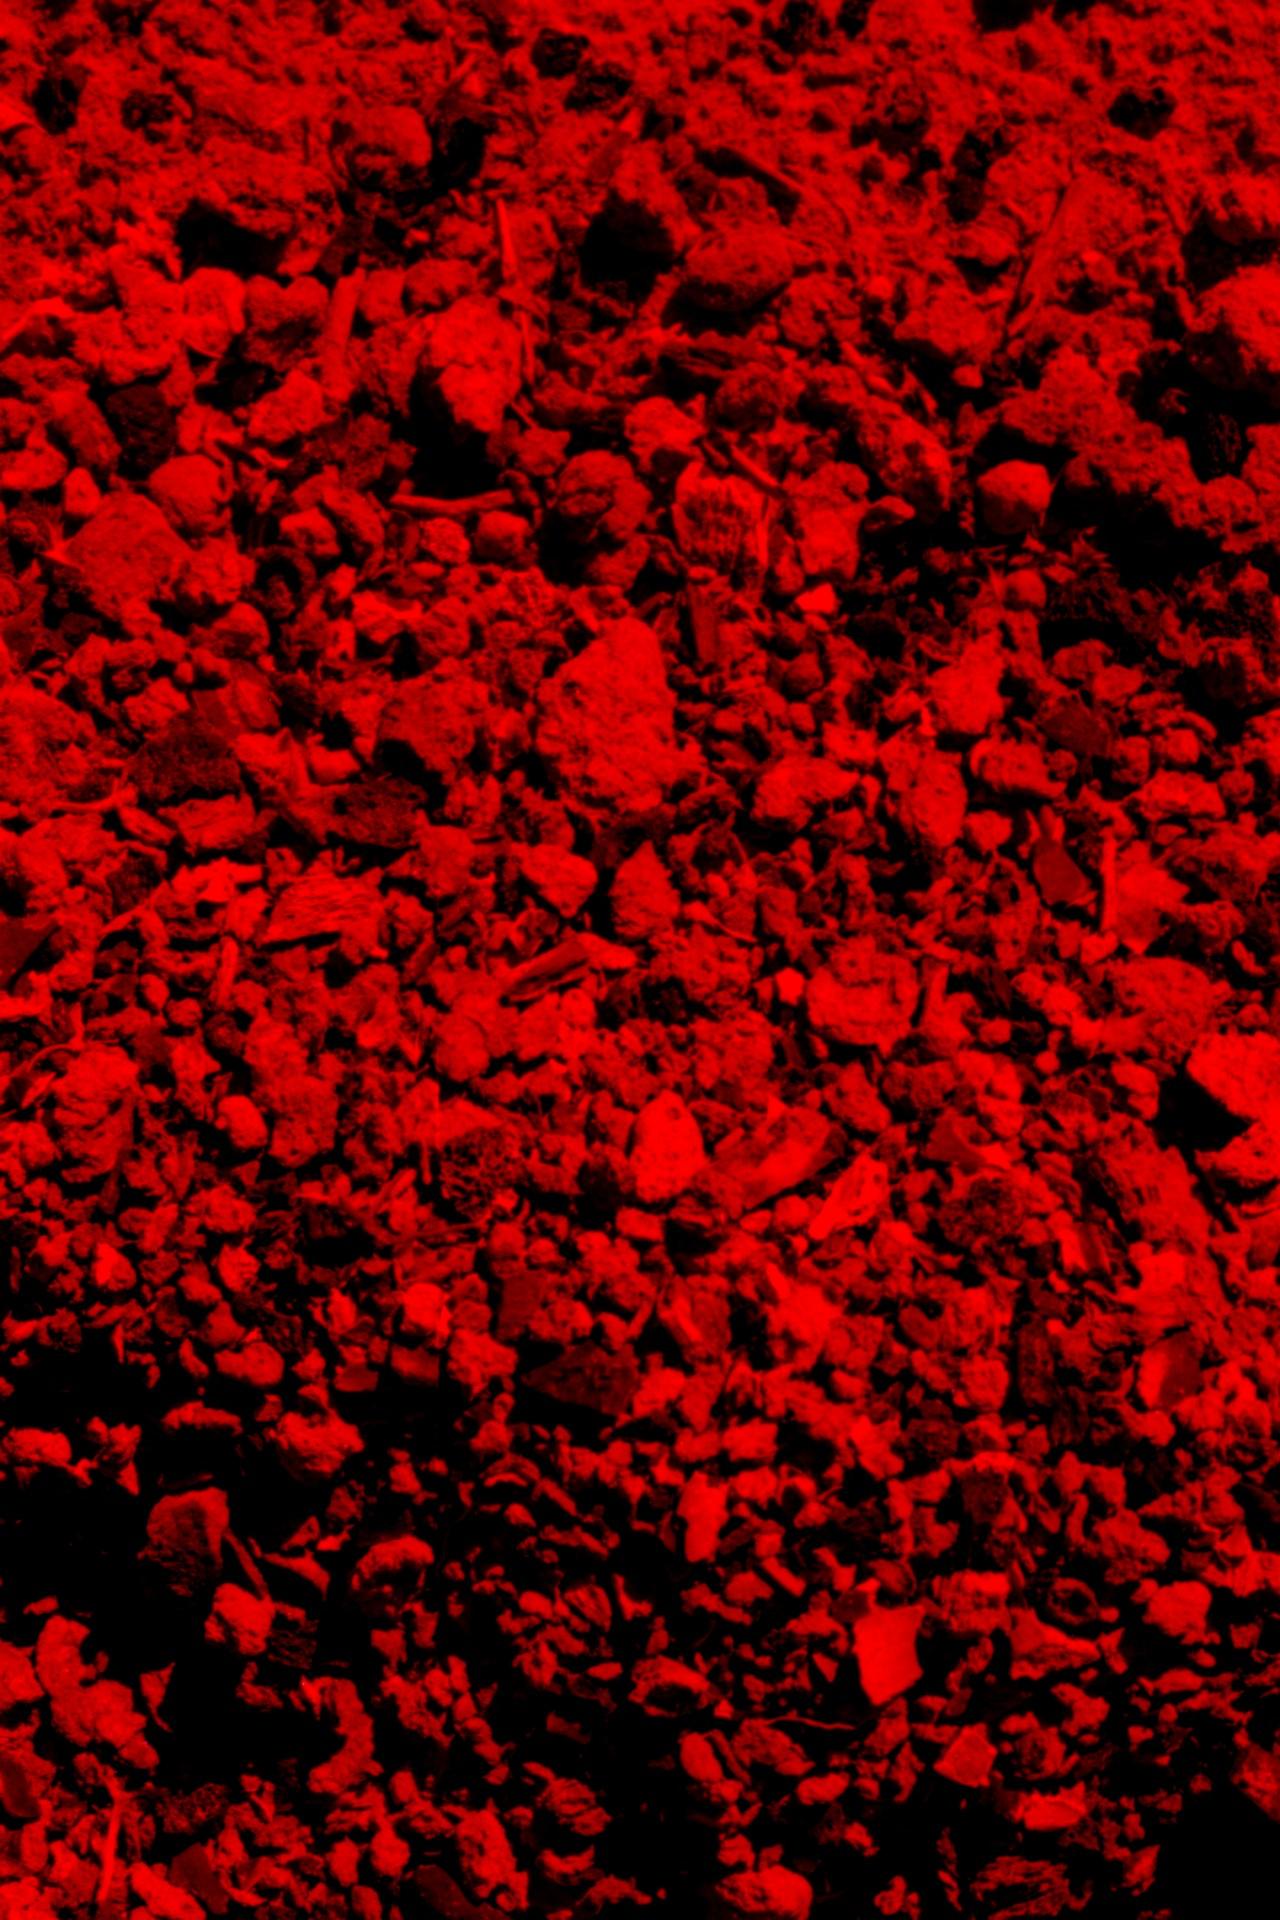 Fotó: Koleszár Adél: Elégett emberi csontdarabok, részlet Az erőszak sebei című sorozatból